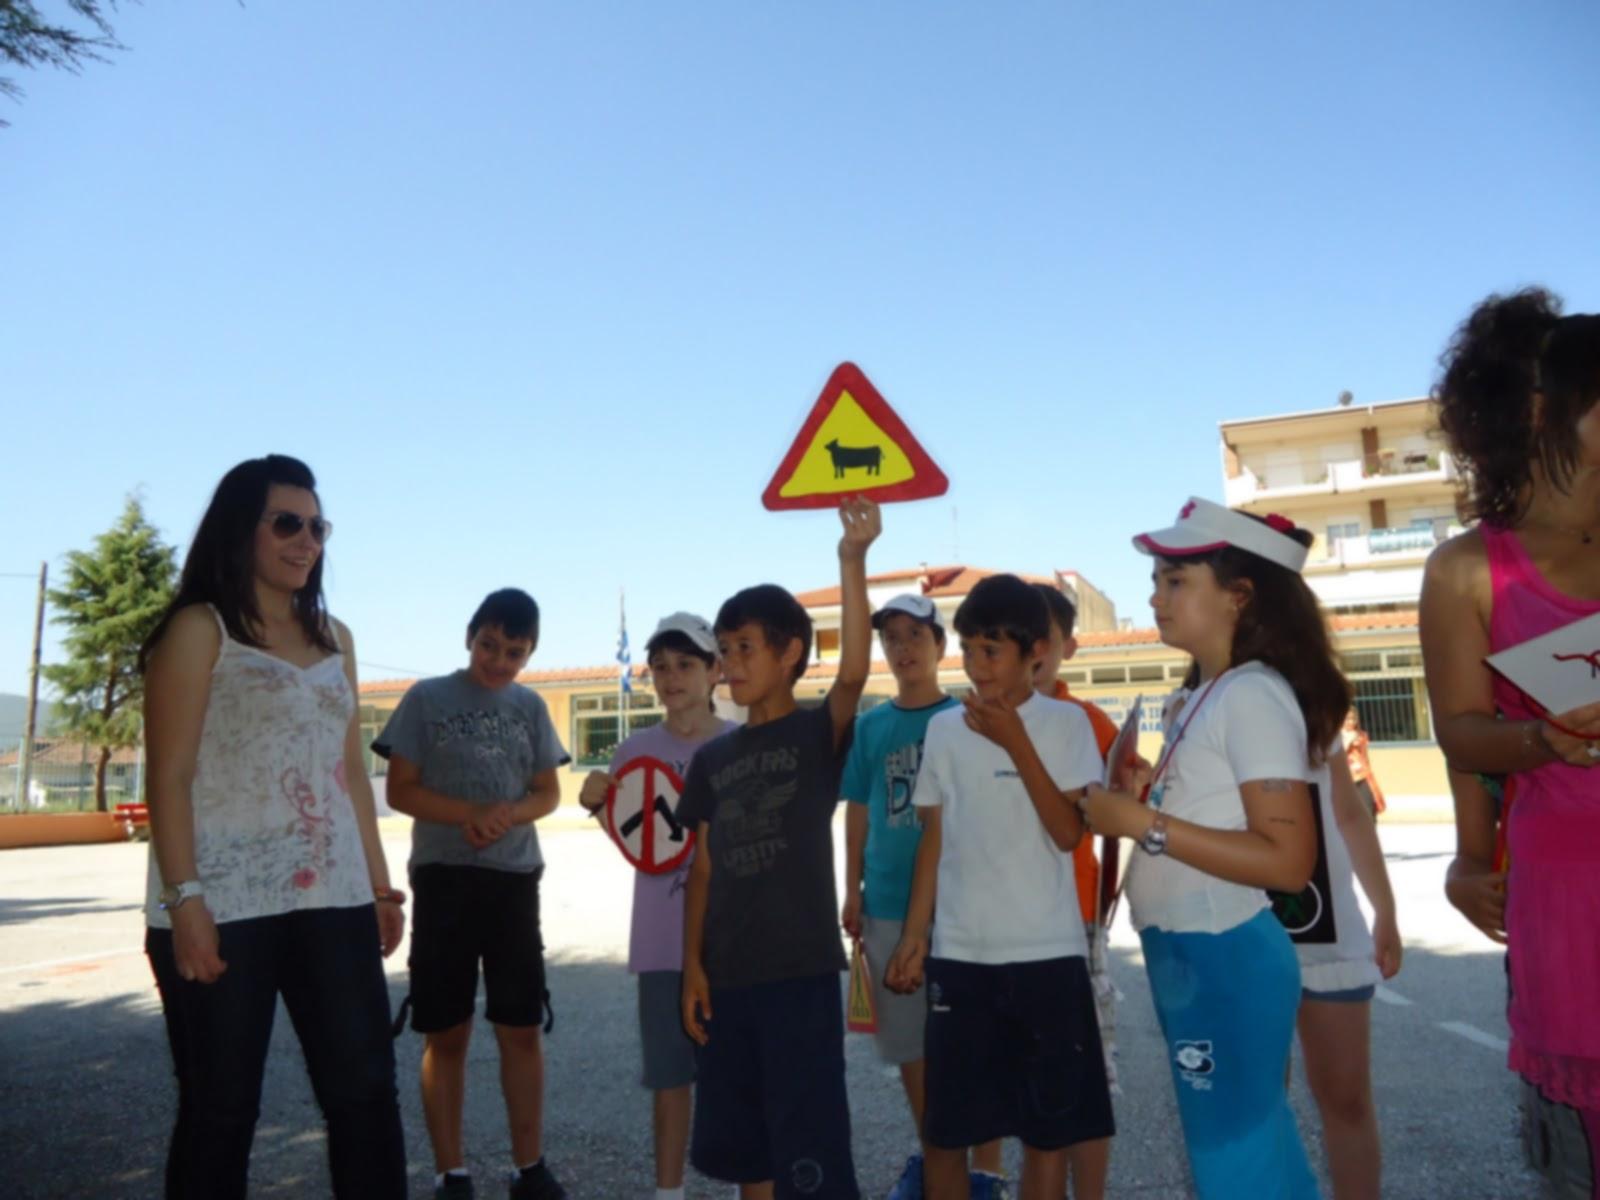 kykloforiaki1 Βάλτε μάθημα κυκλοφοριακής αγωγής στα σχολεία!